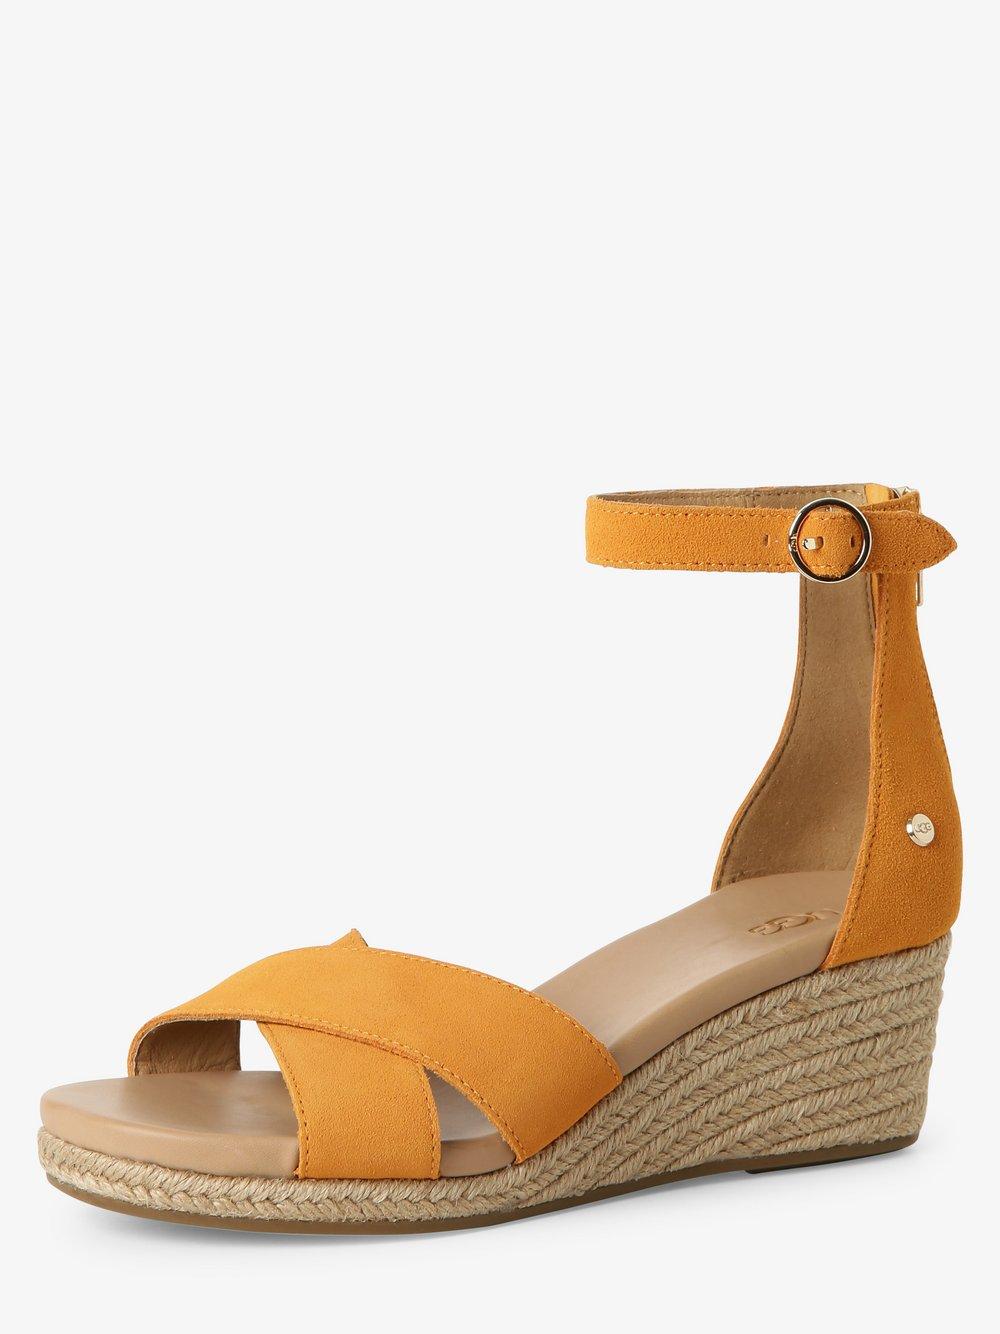 UGG - Sandały damskie ze skóry, pomarańczowy